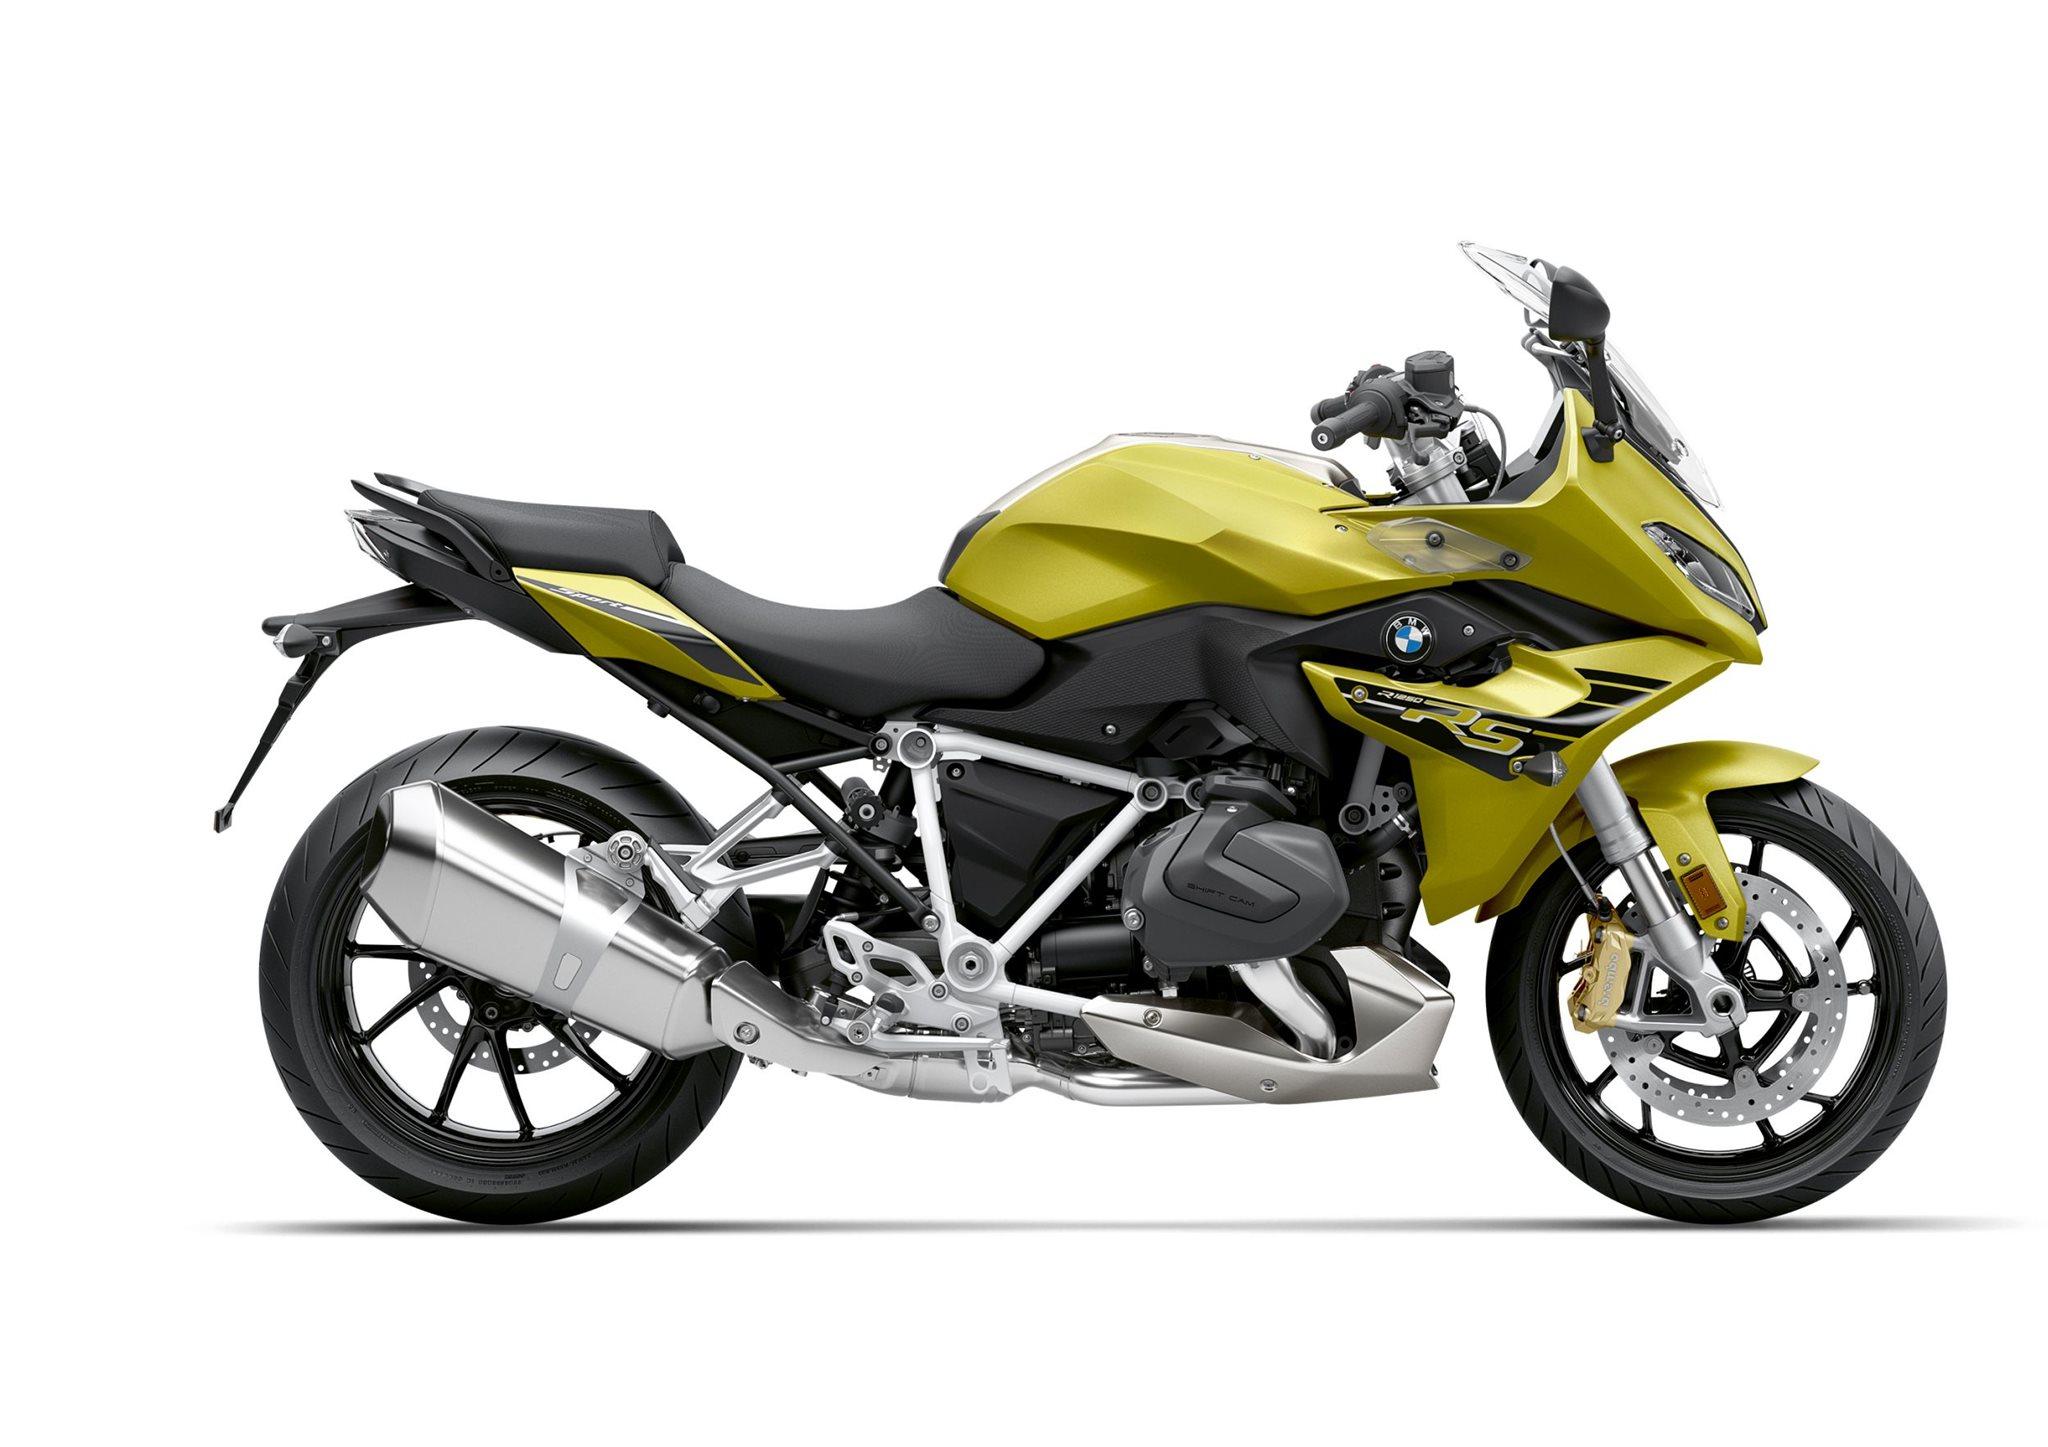 Gebrauchte Und Neue Bmw R 1250 Rs Motorrader Kaufen